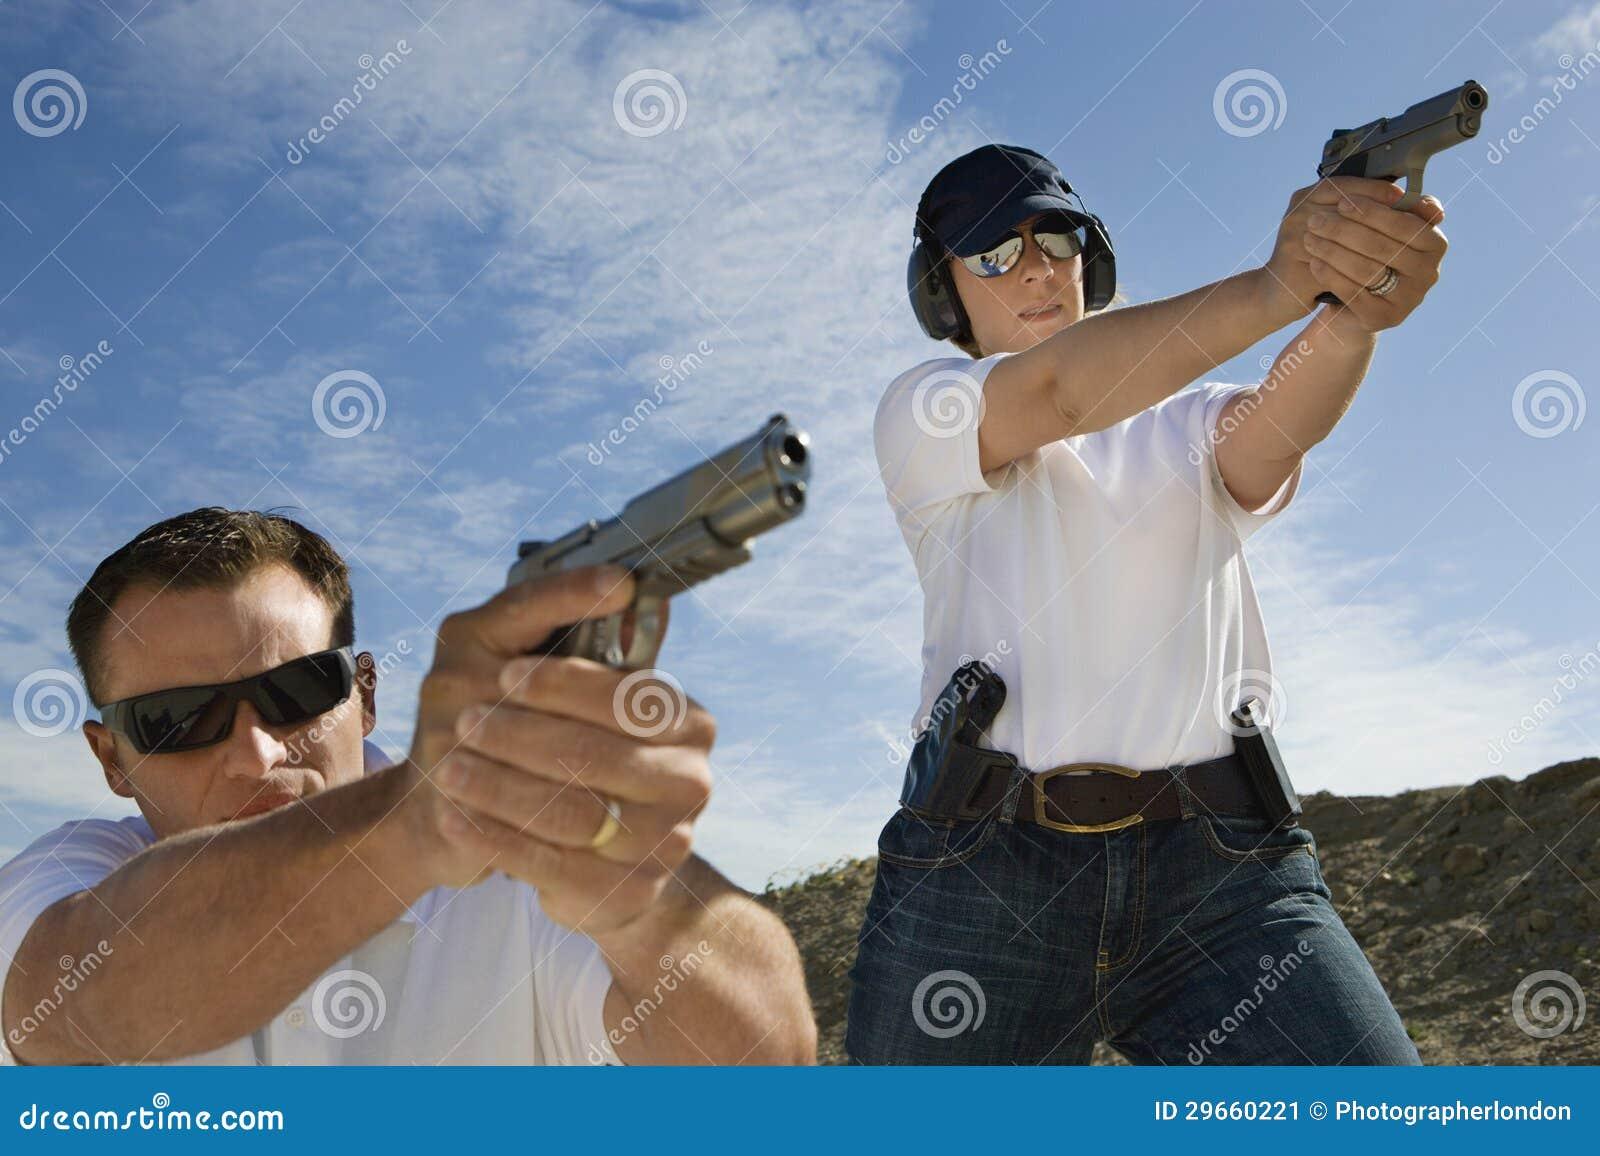 man and woman aiming hand guns at firing range stock image